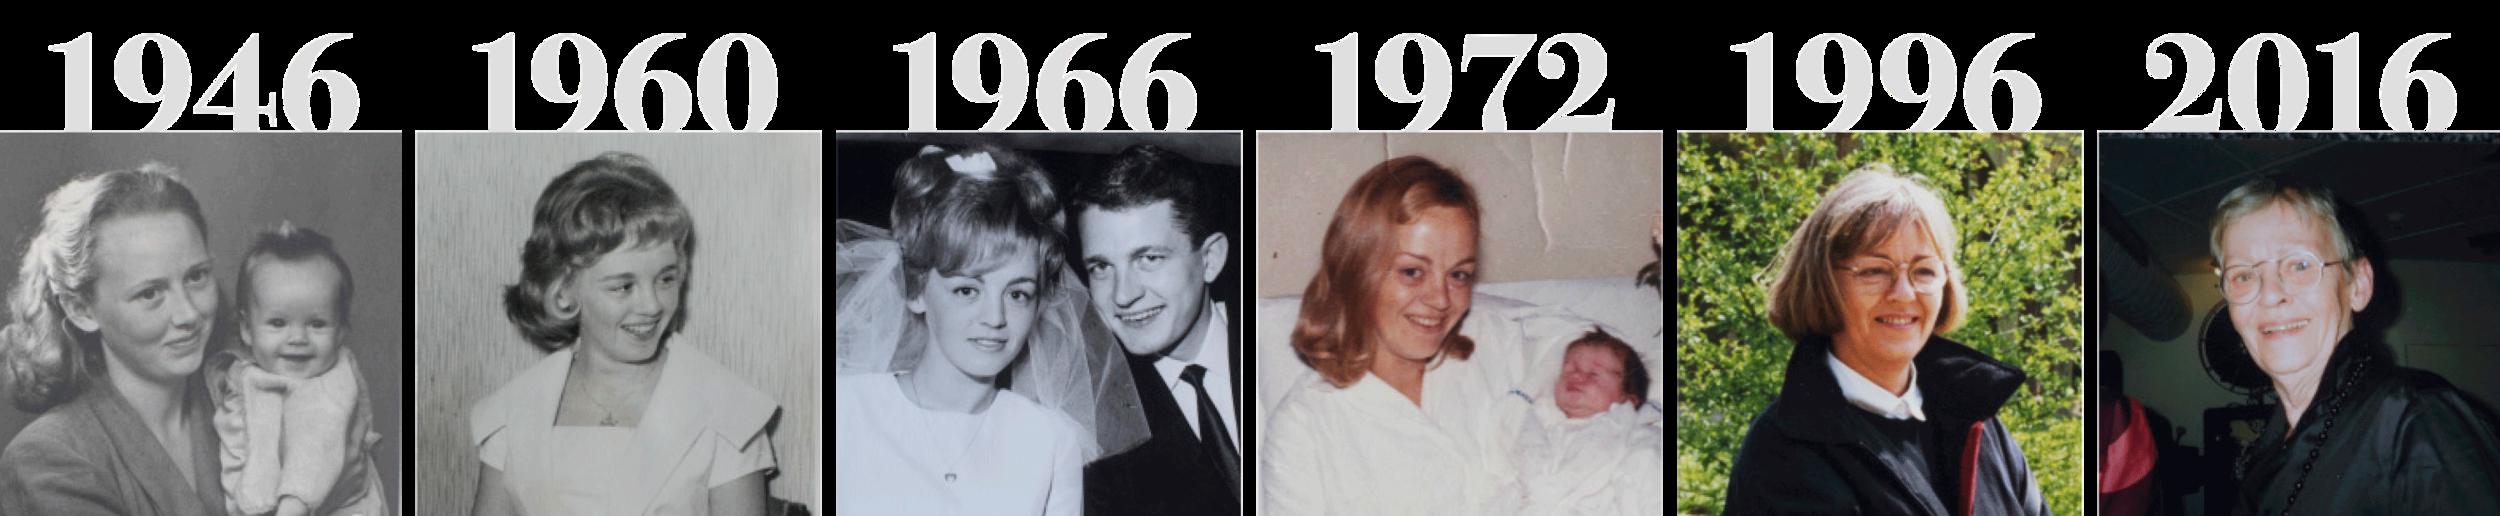 Fra baby til bedstemor - familieskatten fortæller 70 år af livshistorien.